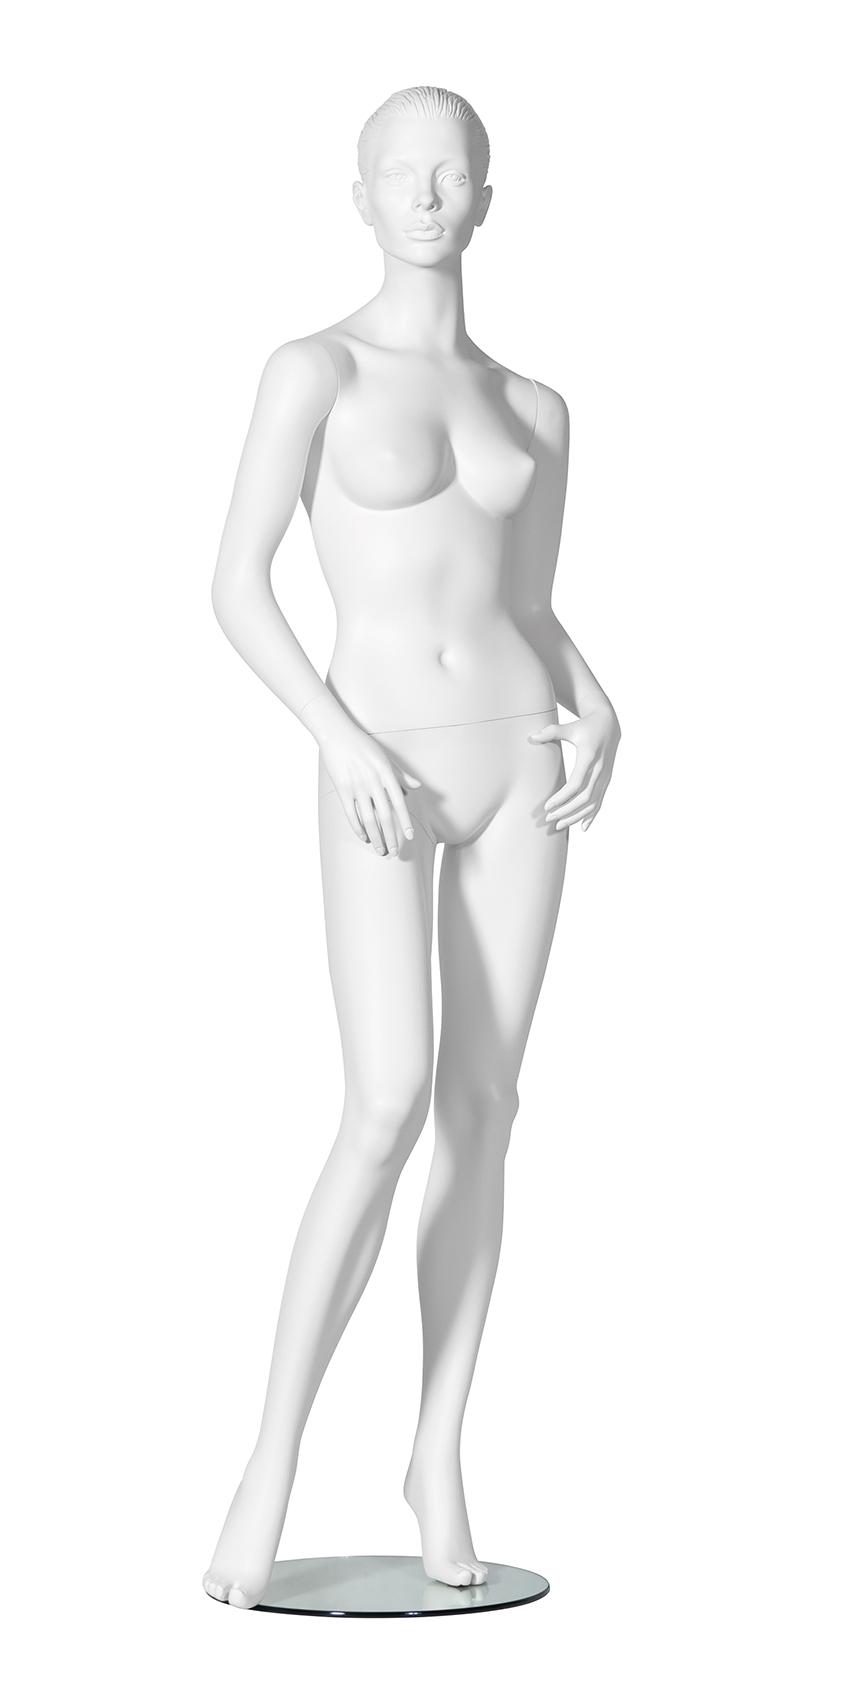 Mannequin, Schaufensterfigur, Schaufensterpuppe